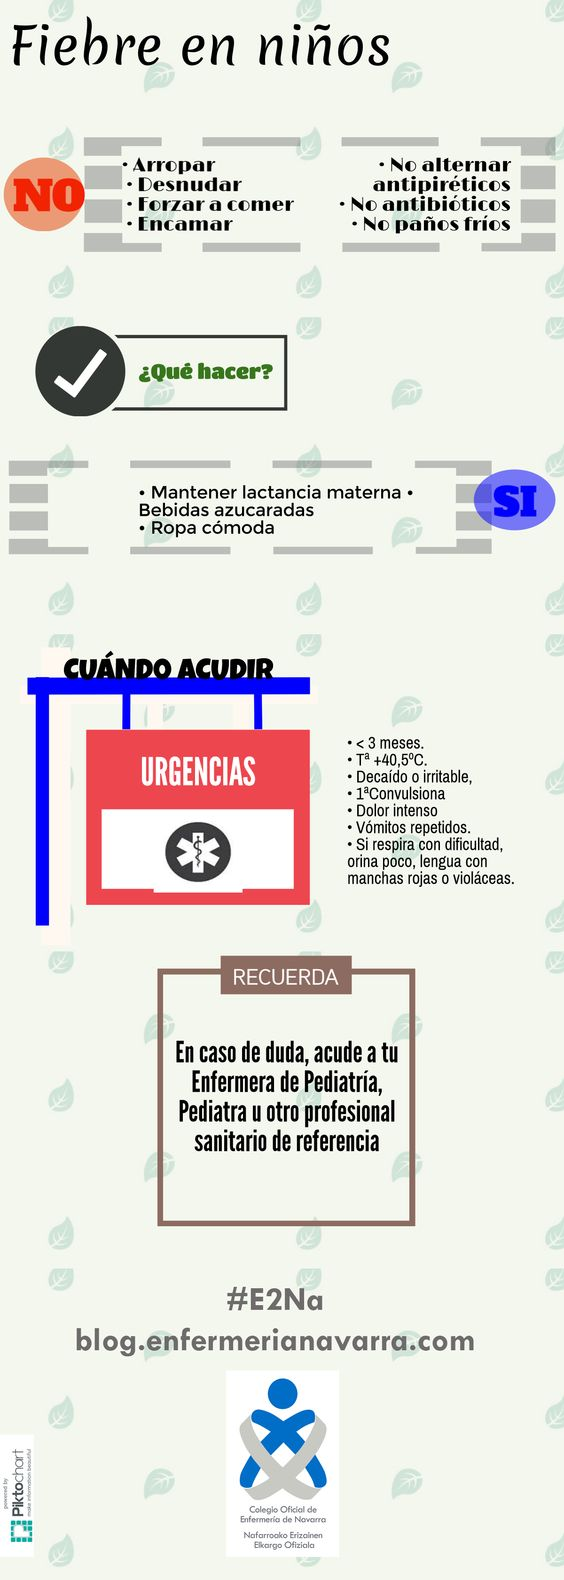 Infografia de gran interés para mamás y papás. Recoge los pasos recomendados cuando los niños tienen fiebre. Más información en http://blog.enfermerianavarra.com/2015/04/mi-nino-tiene-fiebre-que-hago.html y en  blog.enfermerianavarra.com